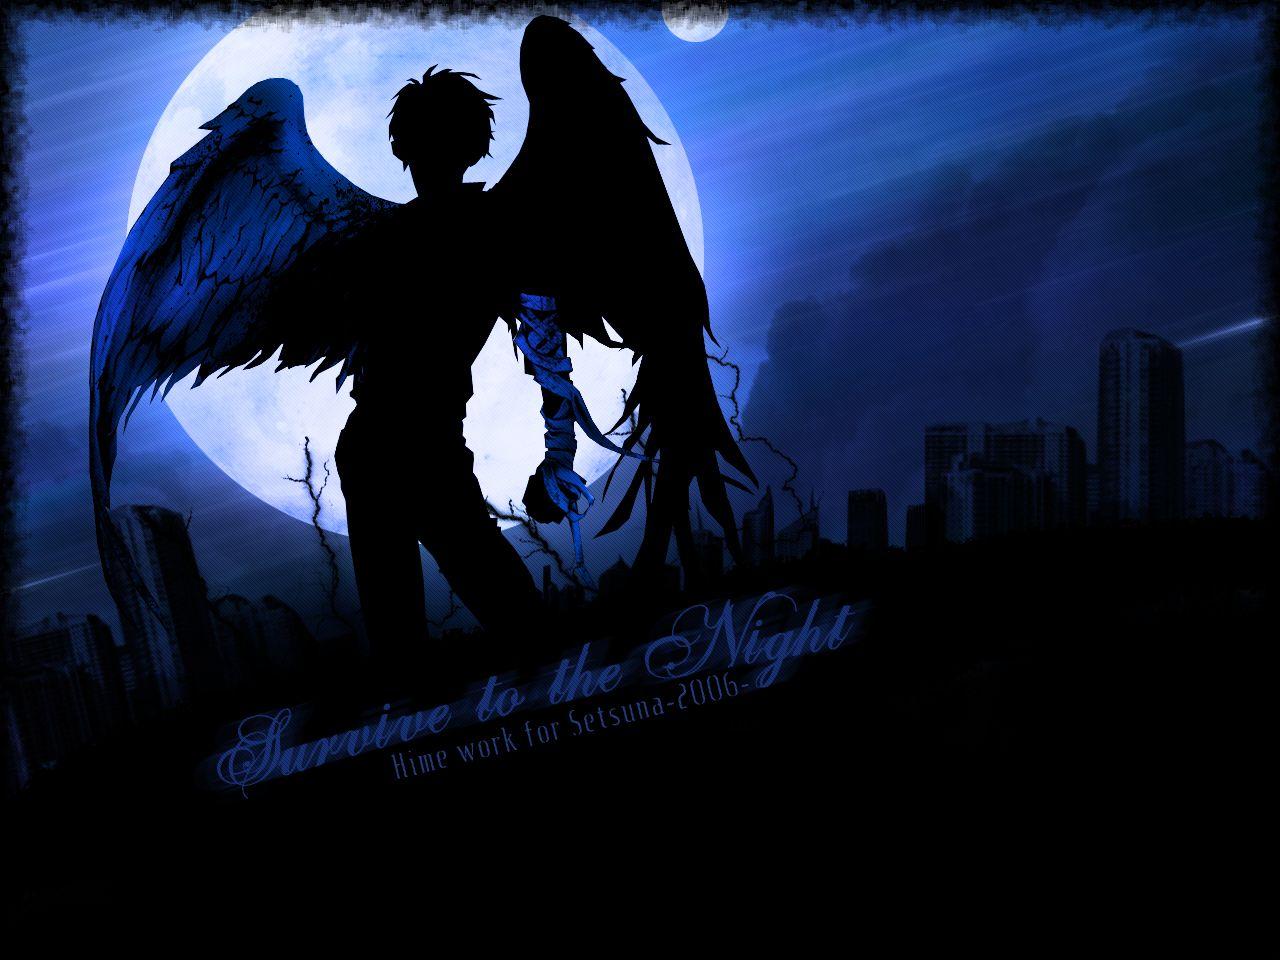 Anime Angel Sanctuary Wallpaper Anime Art Beautiful Dark Anime Anime Fallen Angel Dark angel anime wallpaper